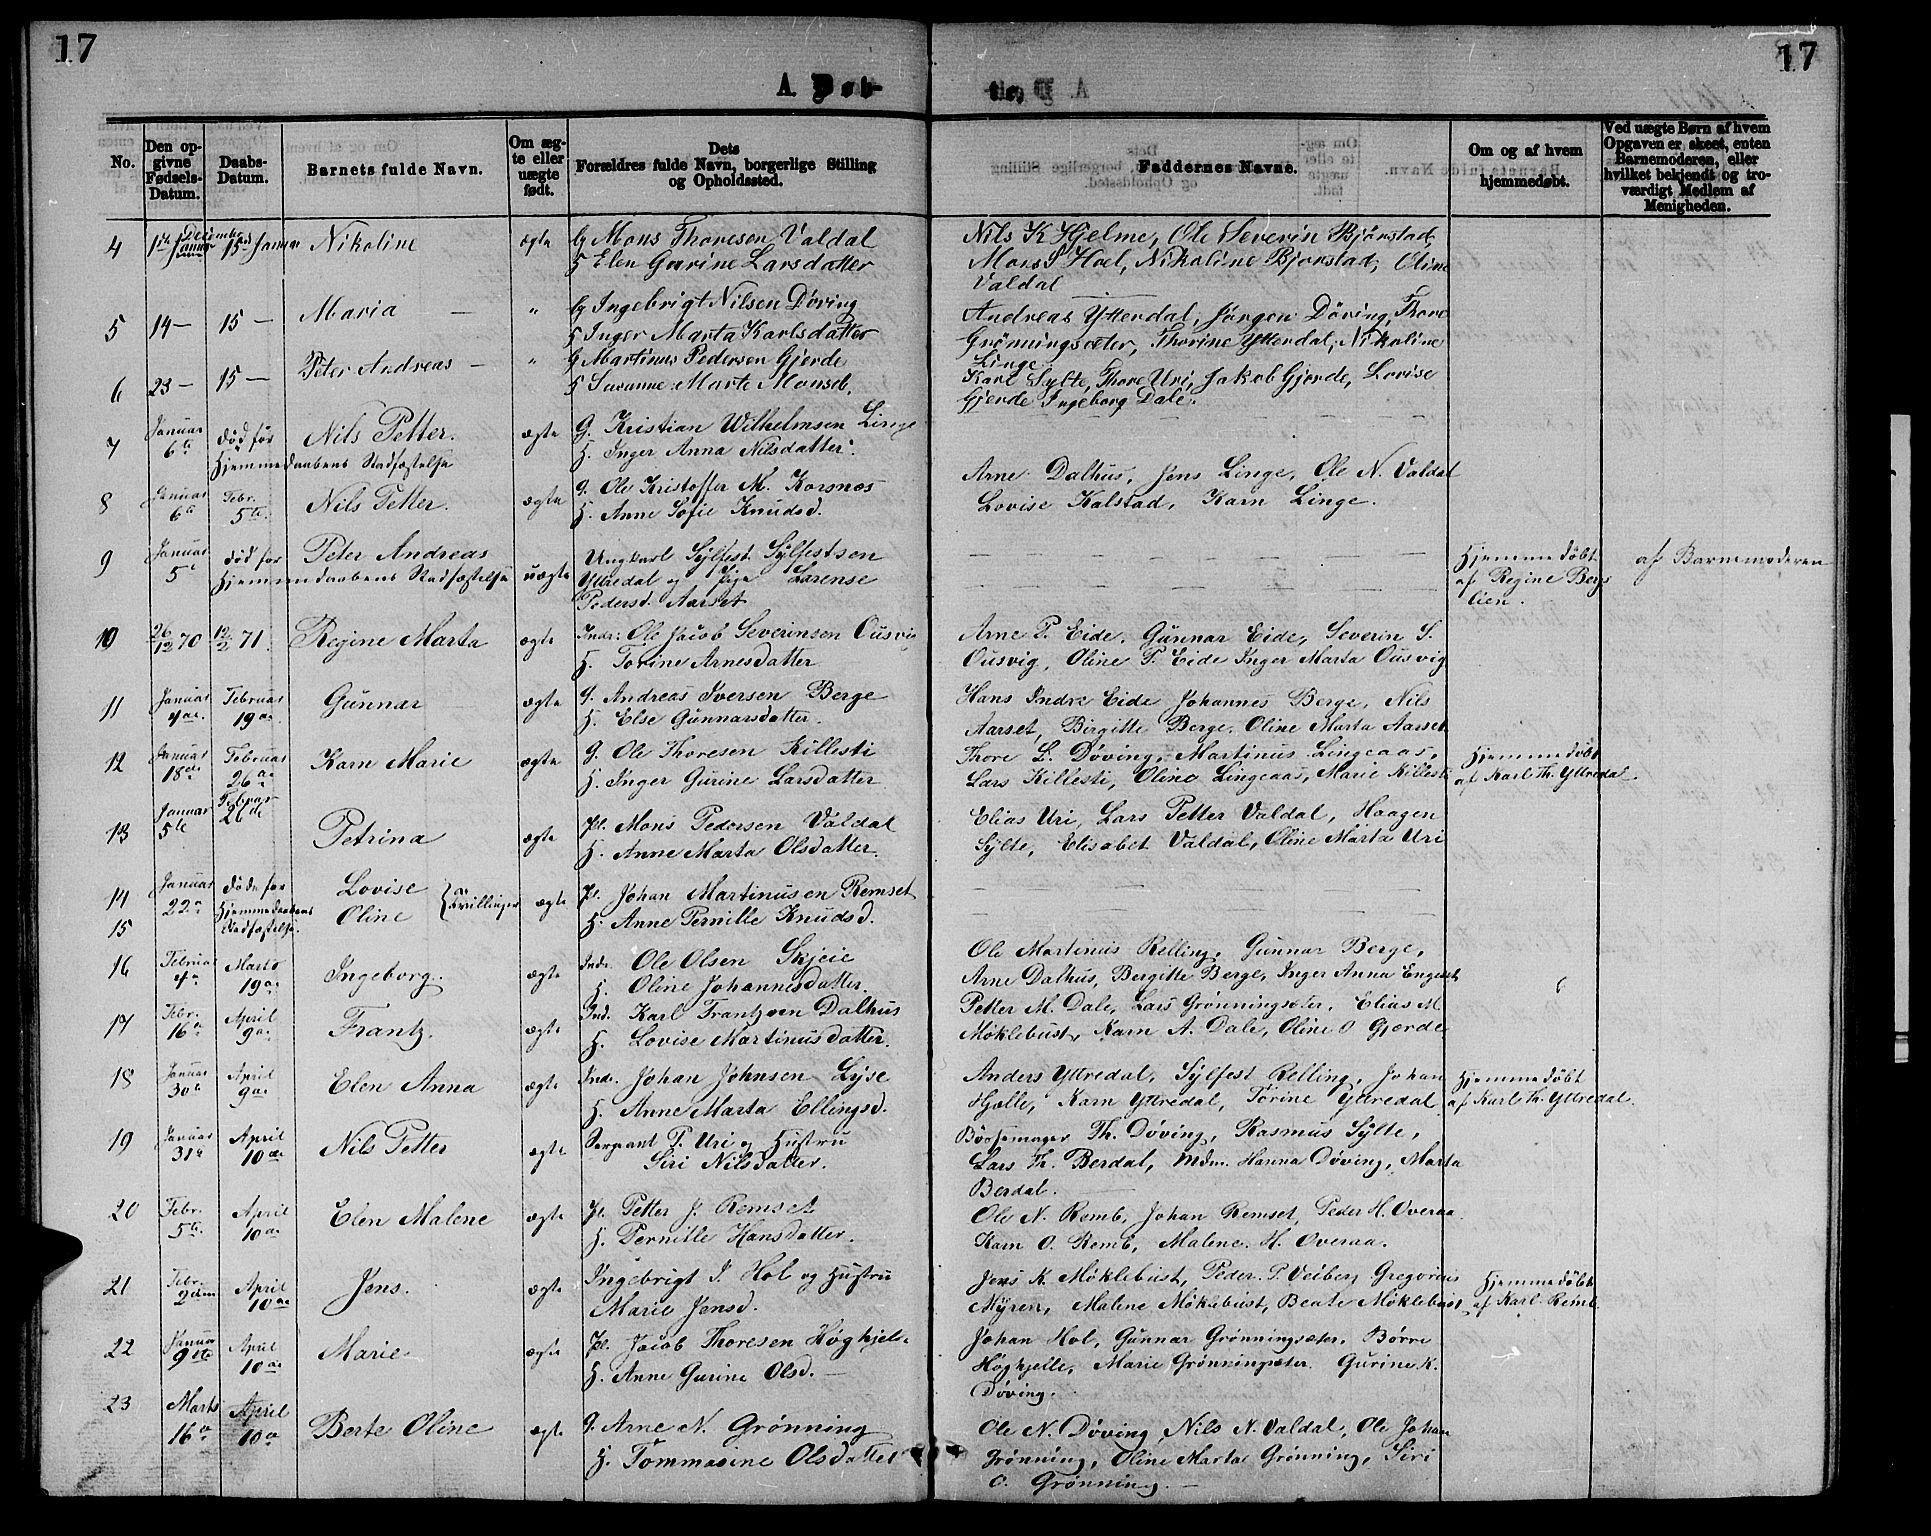 SAT, Ministerialprotokoller, klokkerbøker og fødselsregistre - Møre og Romsdal, 519/L0262: Klokkerbok nr. 519C03, 1866-1884, s. 17